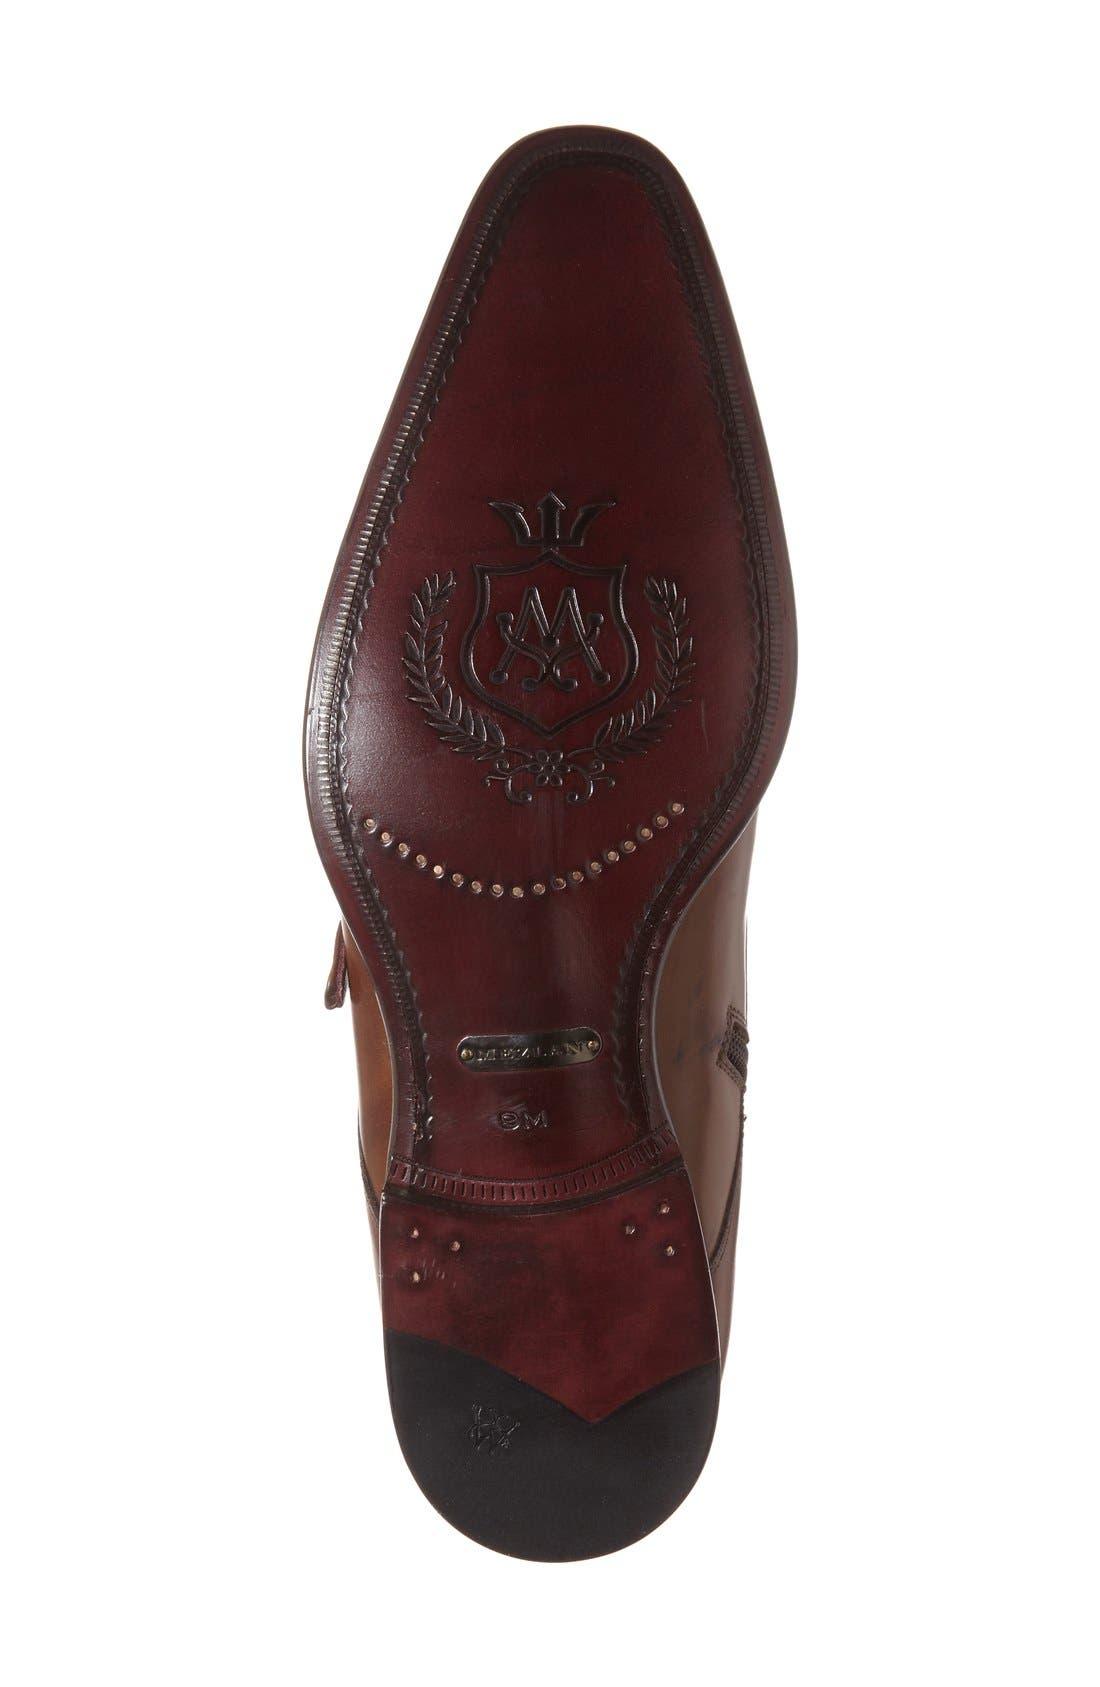 'Rocca' Midi Double Monk Strap Boot,                             Alternate thumbnail 4, color,                             Cognac